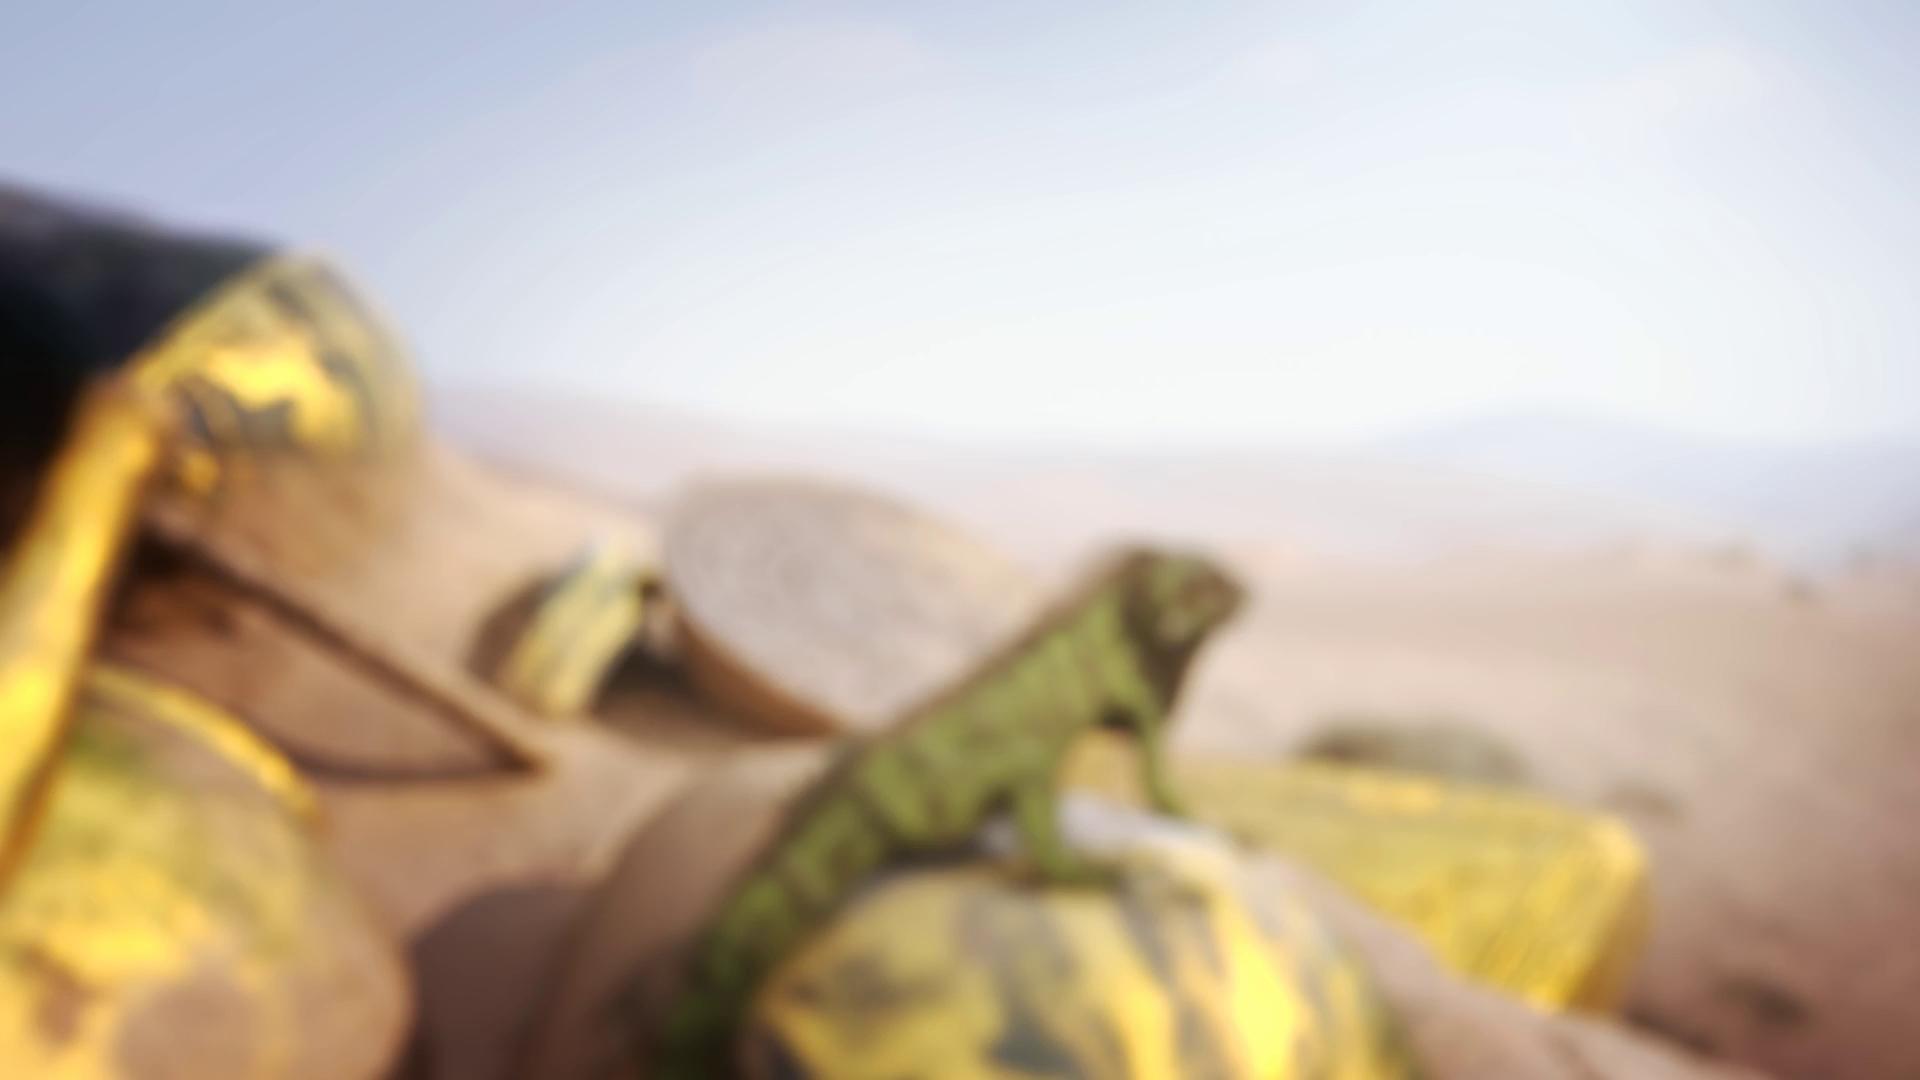 Gunpie Adventure - Bom tấn FPS siêu đẹp, siêu chất đã được Nexon phát hành - ảnh 2